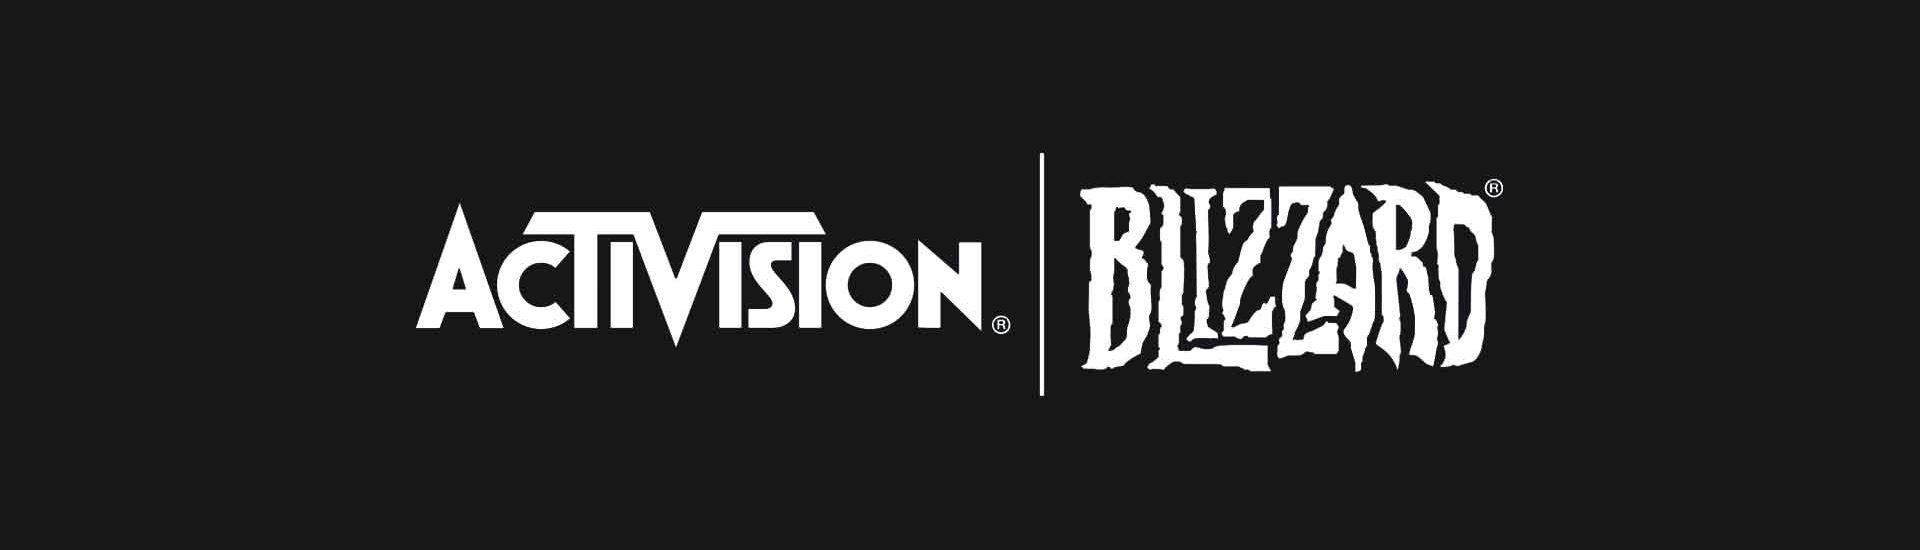 Activision Blizzard: 2.000 neue Entwickler gesucht